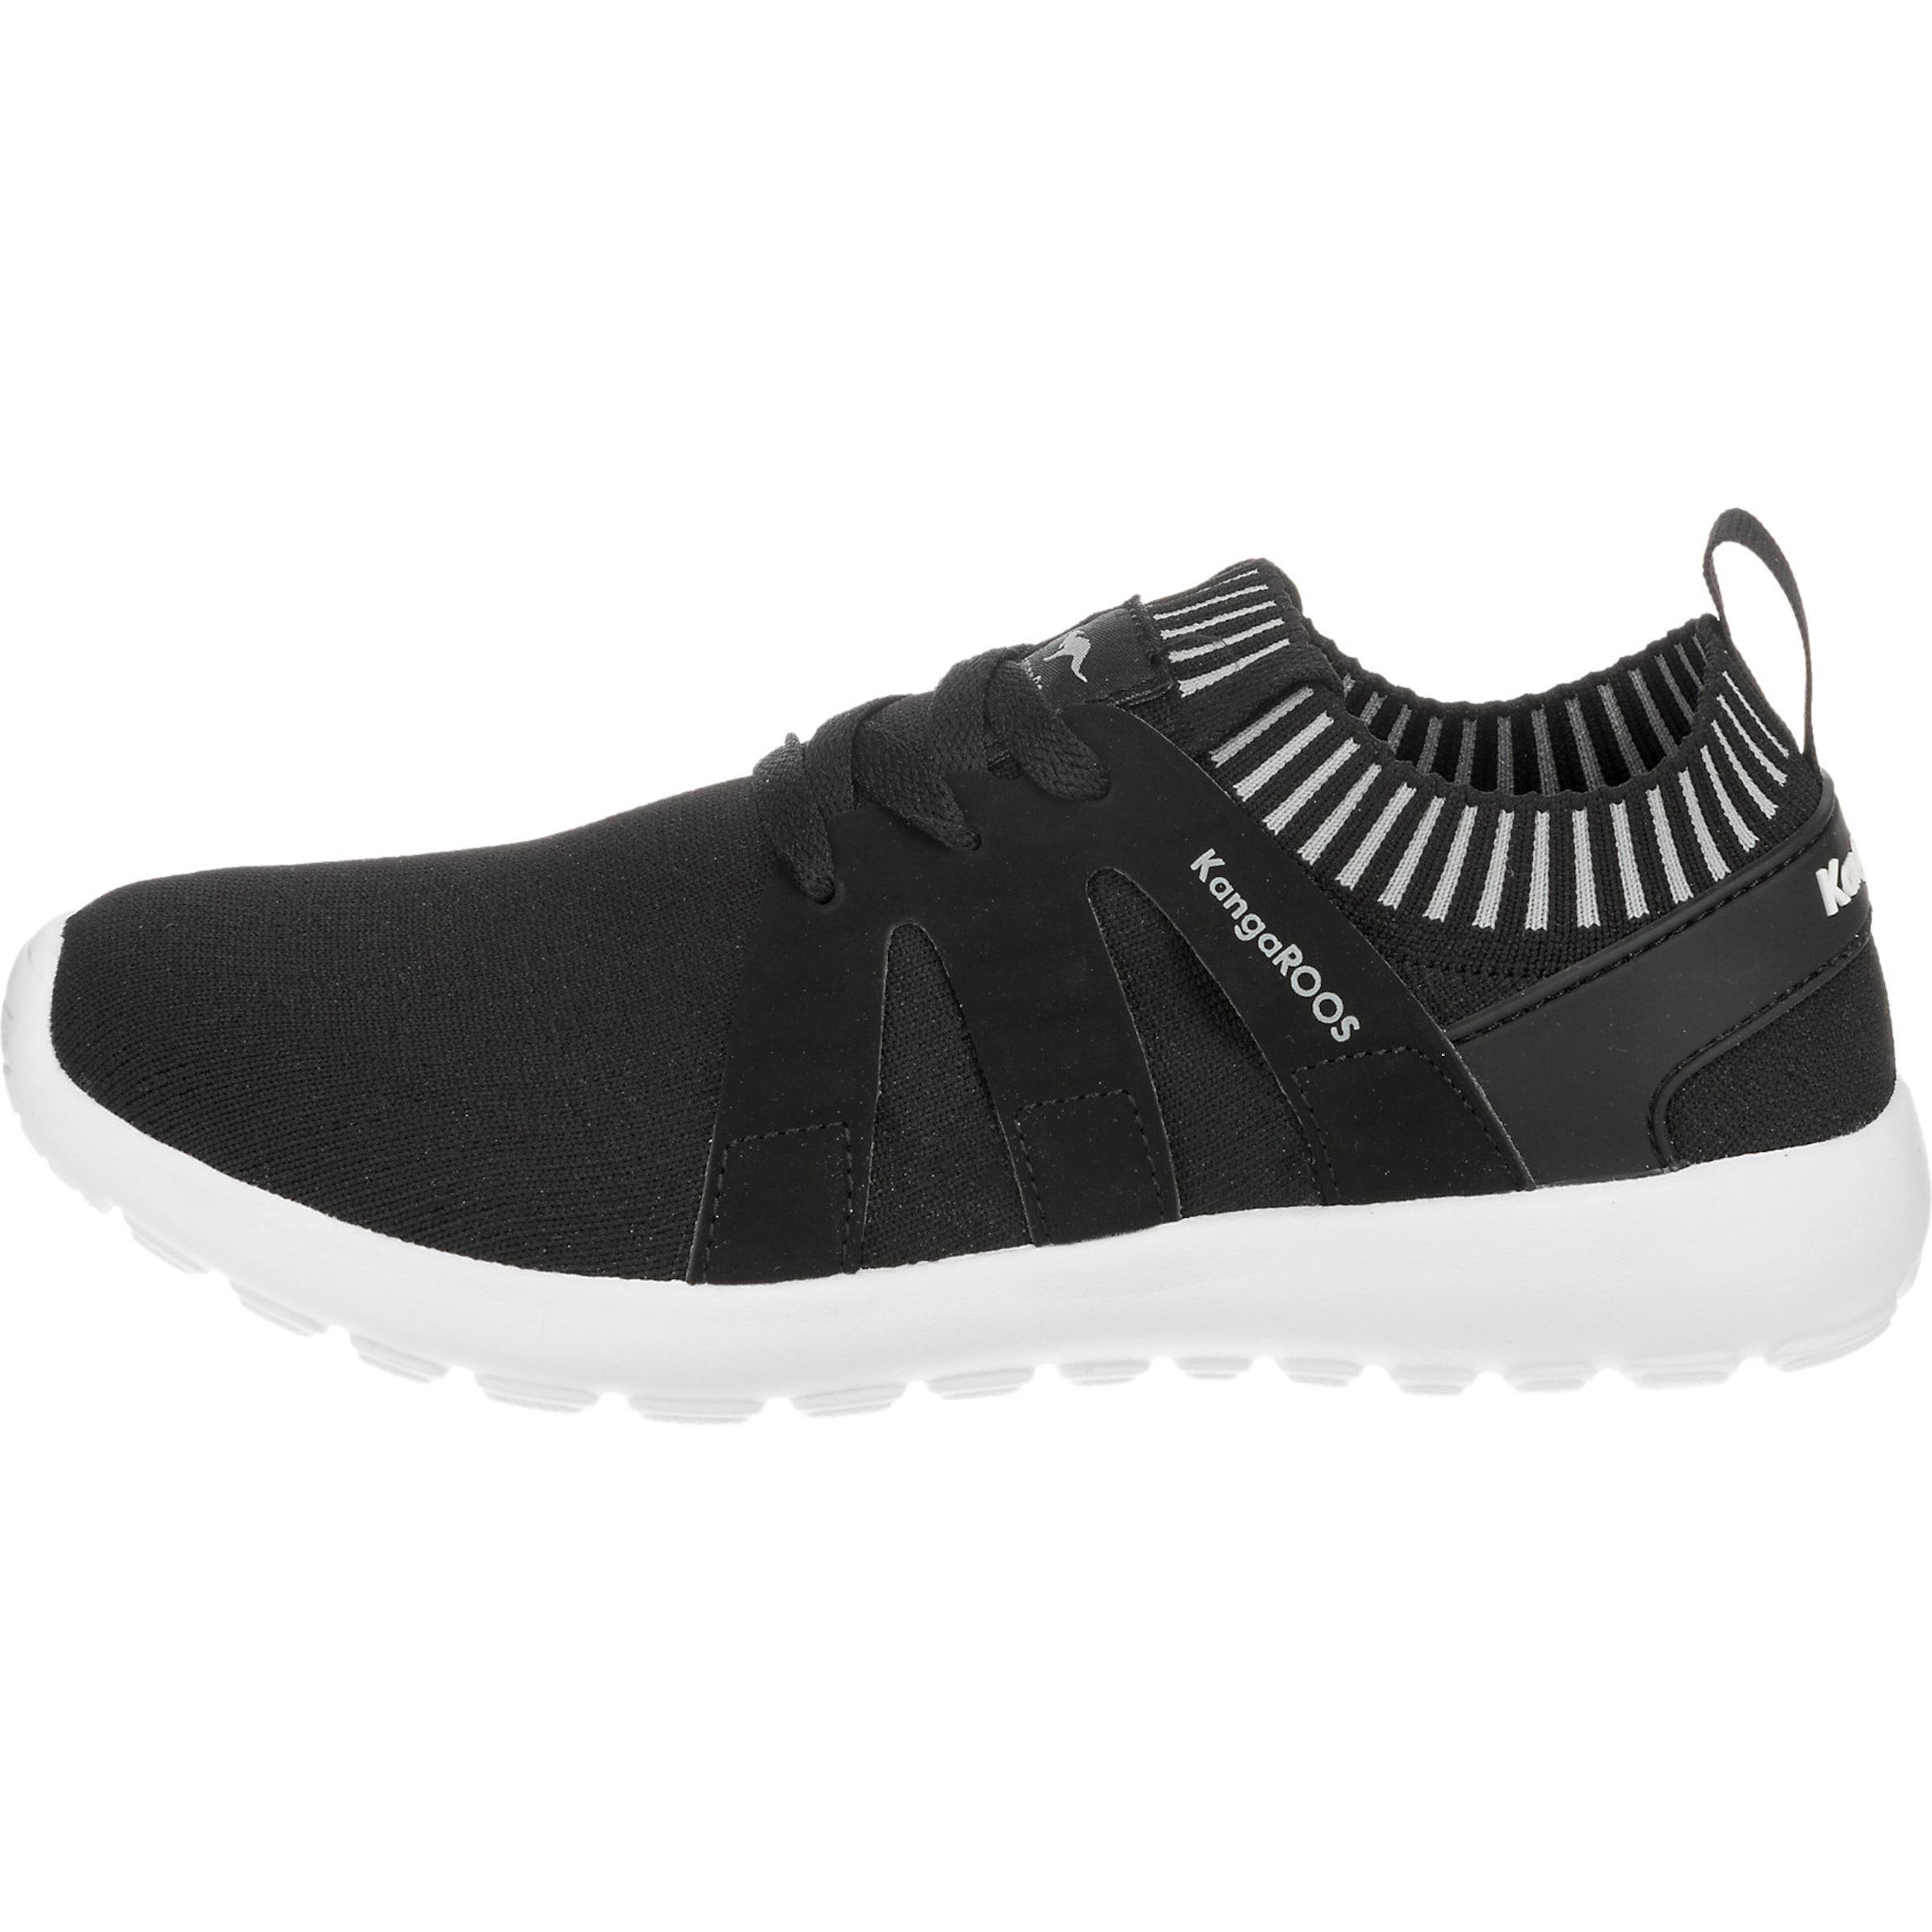 KangaROOS K-Sock Sneakers Outlet Großer Rabatt DgaU8l2